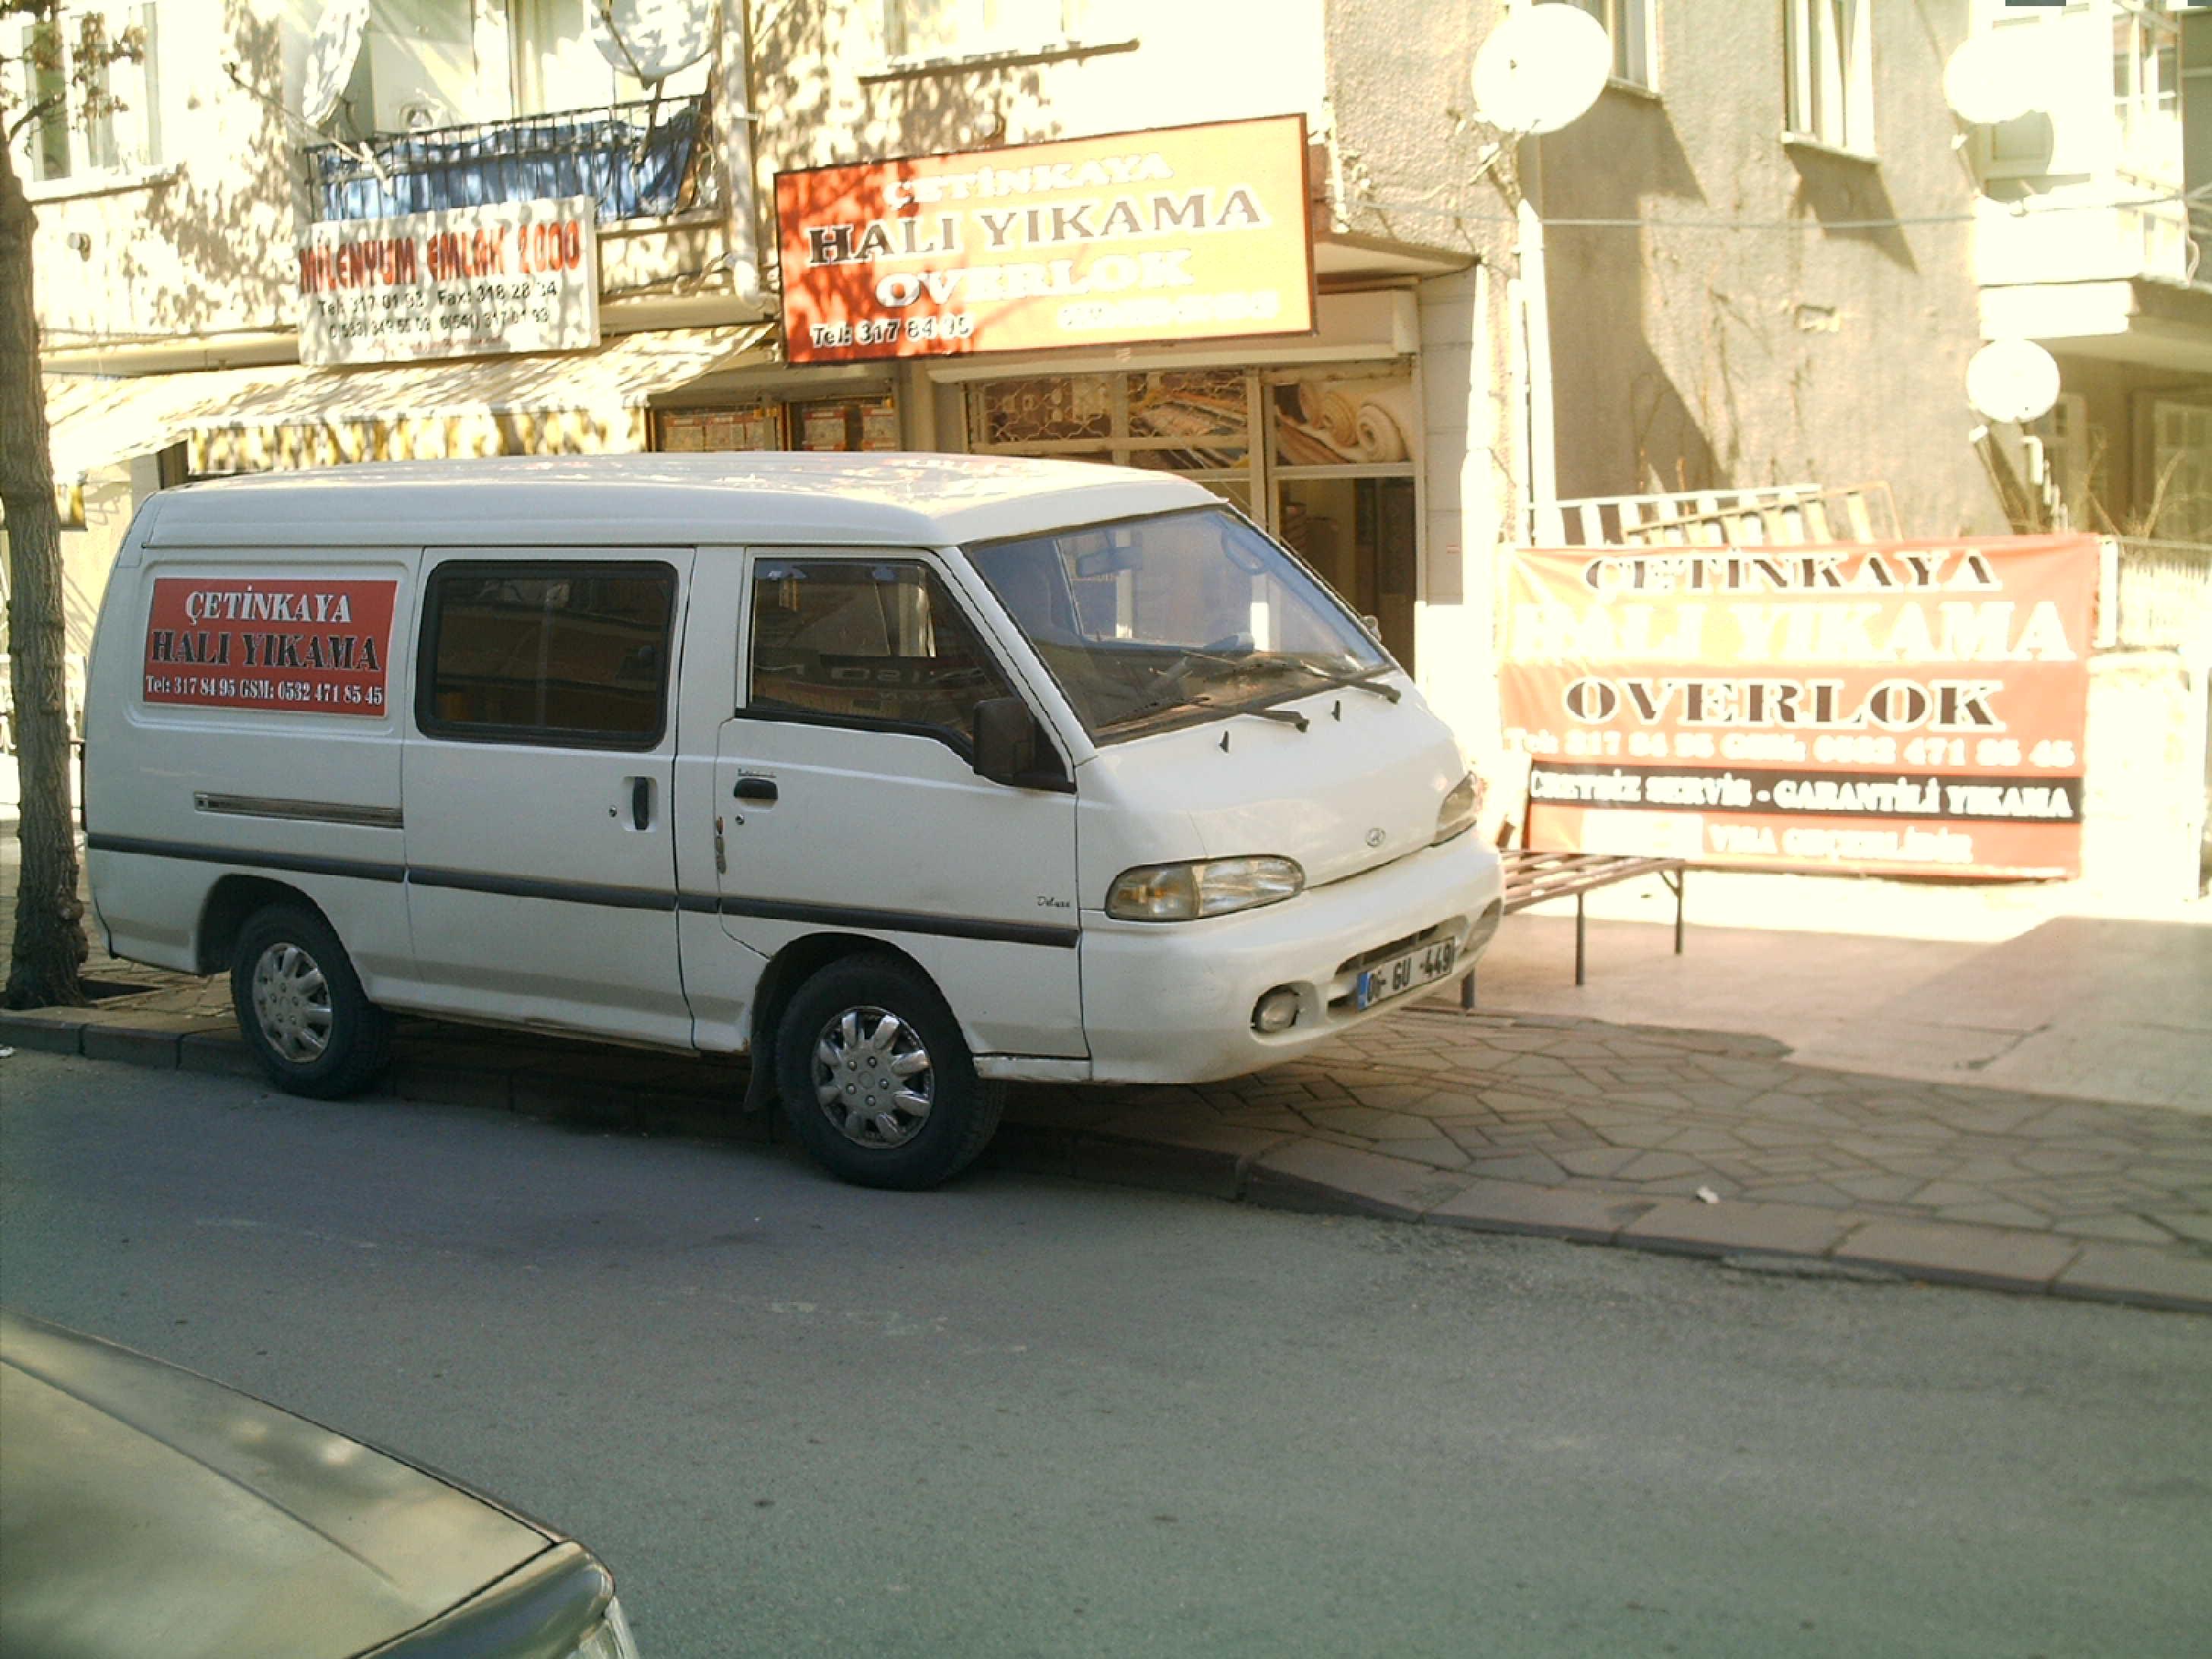 aktepe_hali_yikama_servis-1 (1)